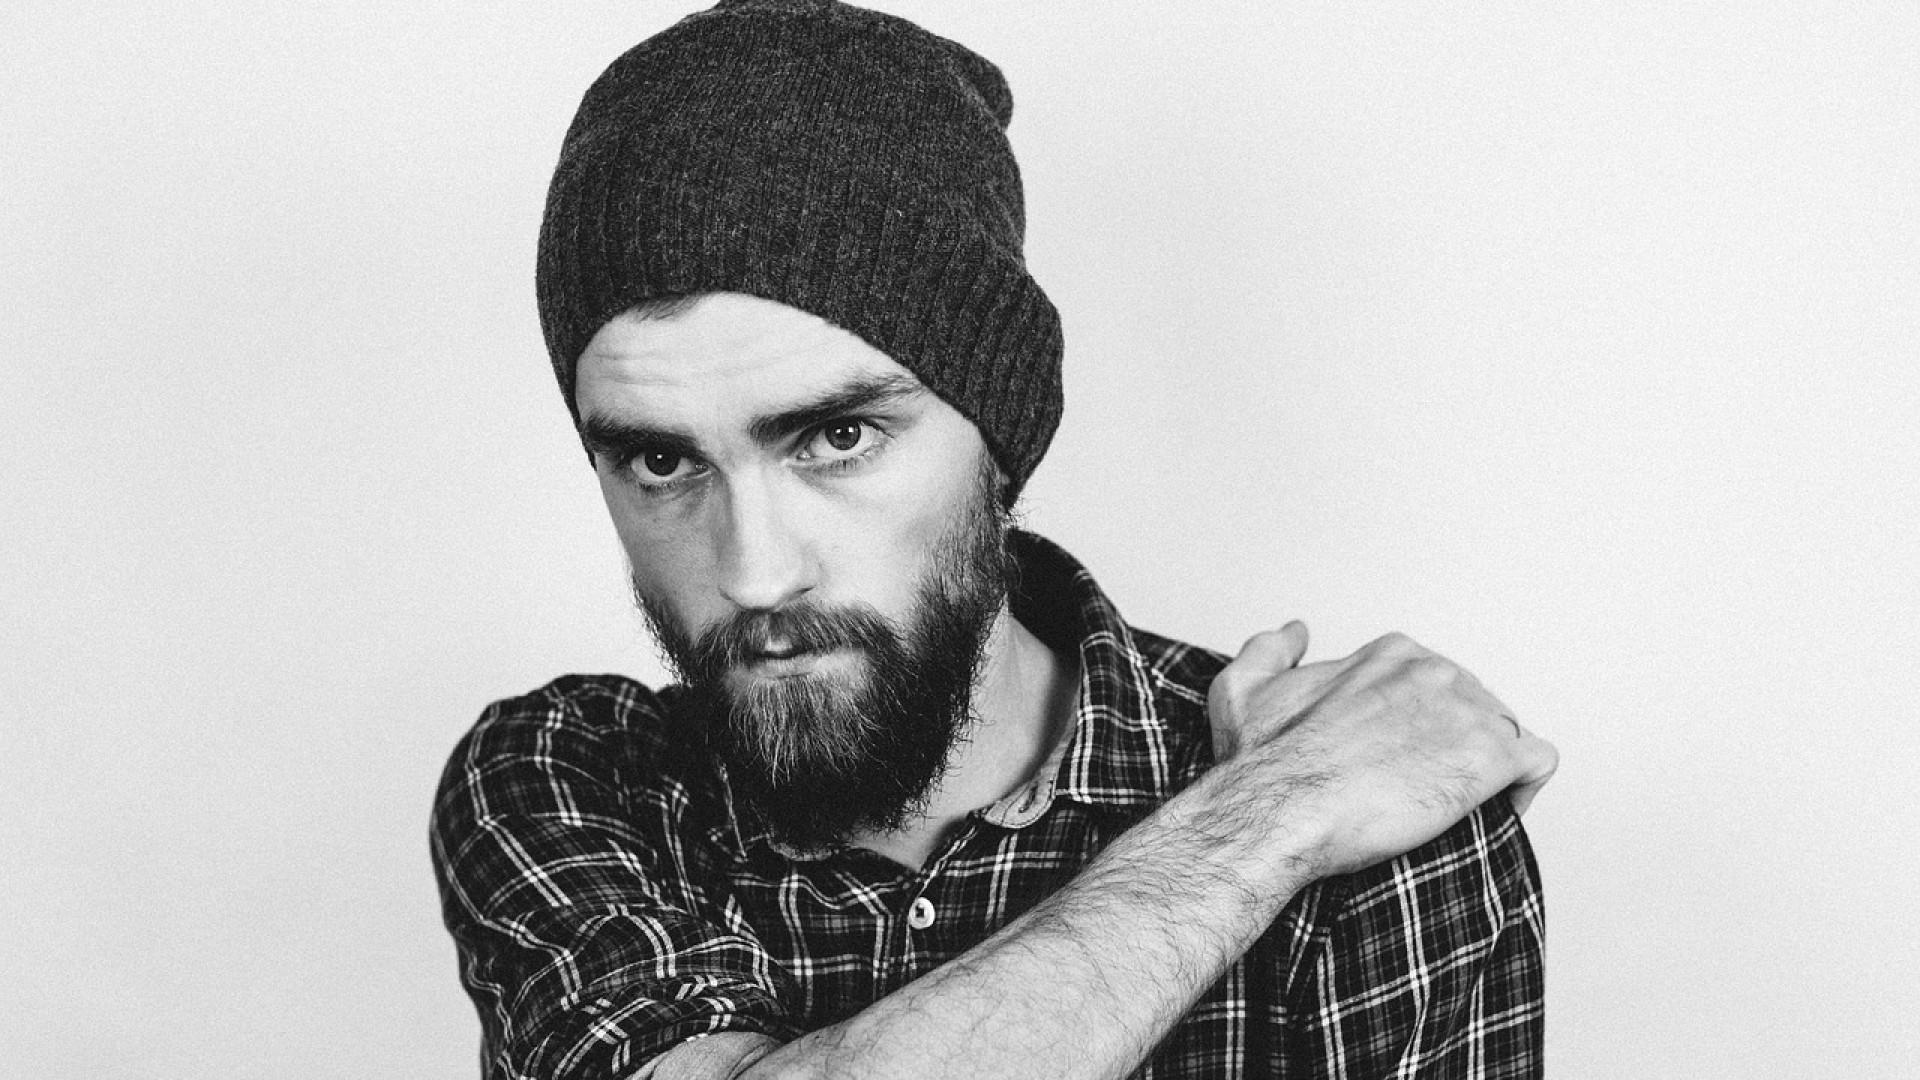 Les quatre commandements de la barbe bien entretenue